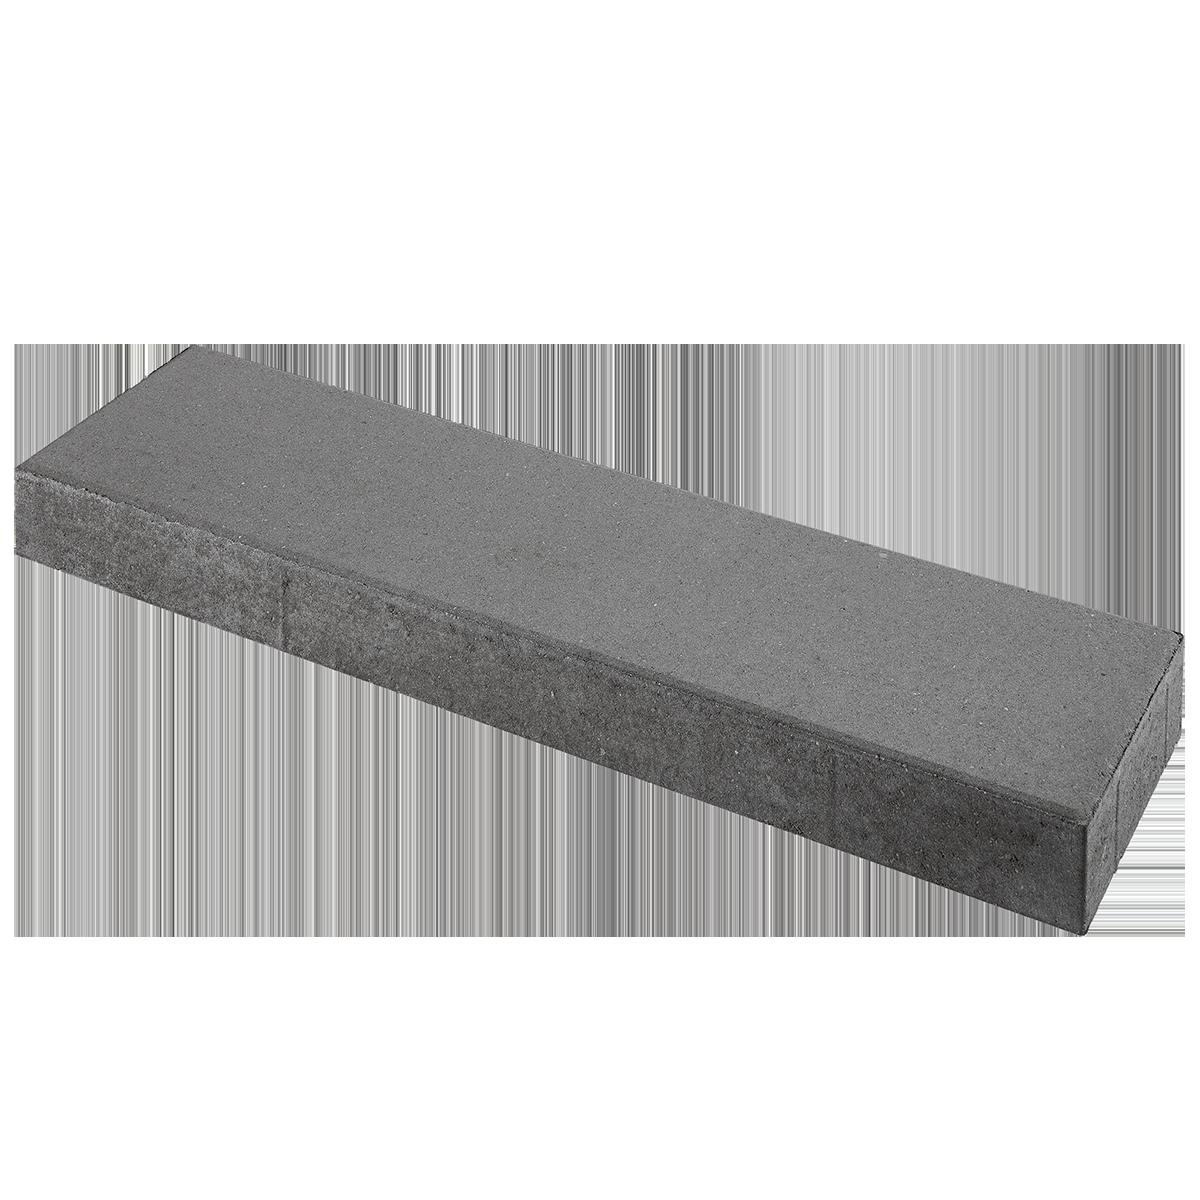 Bordurfliser 30x120x10 cm Grå